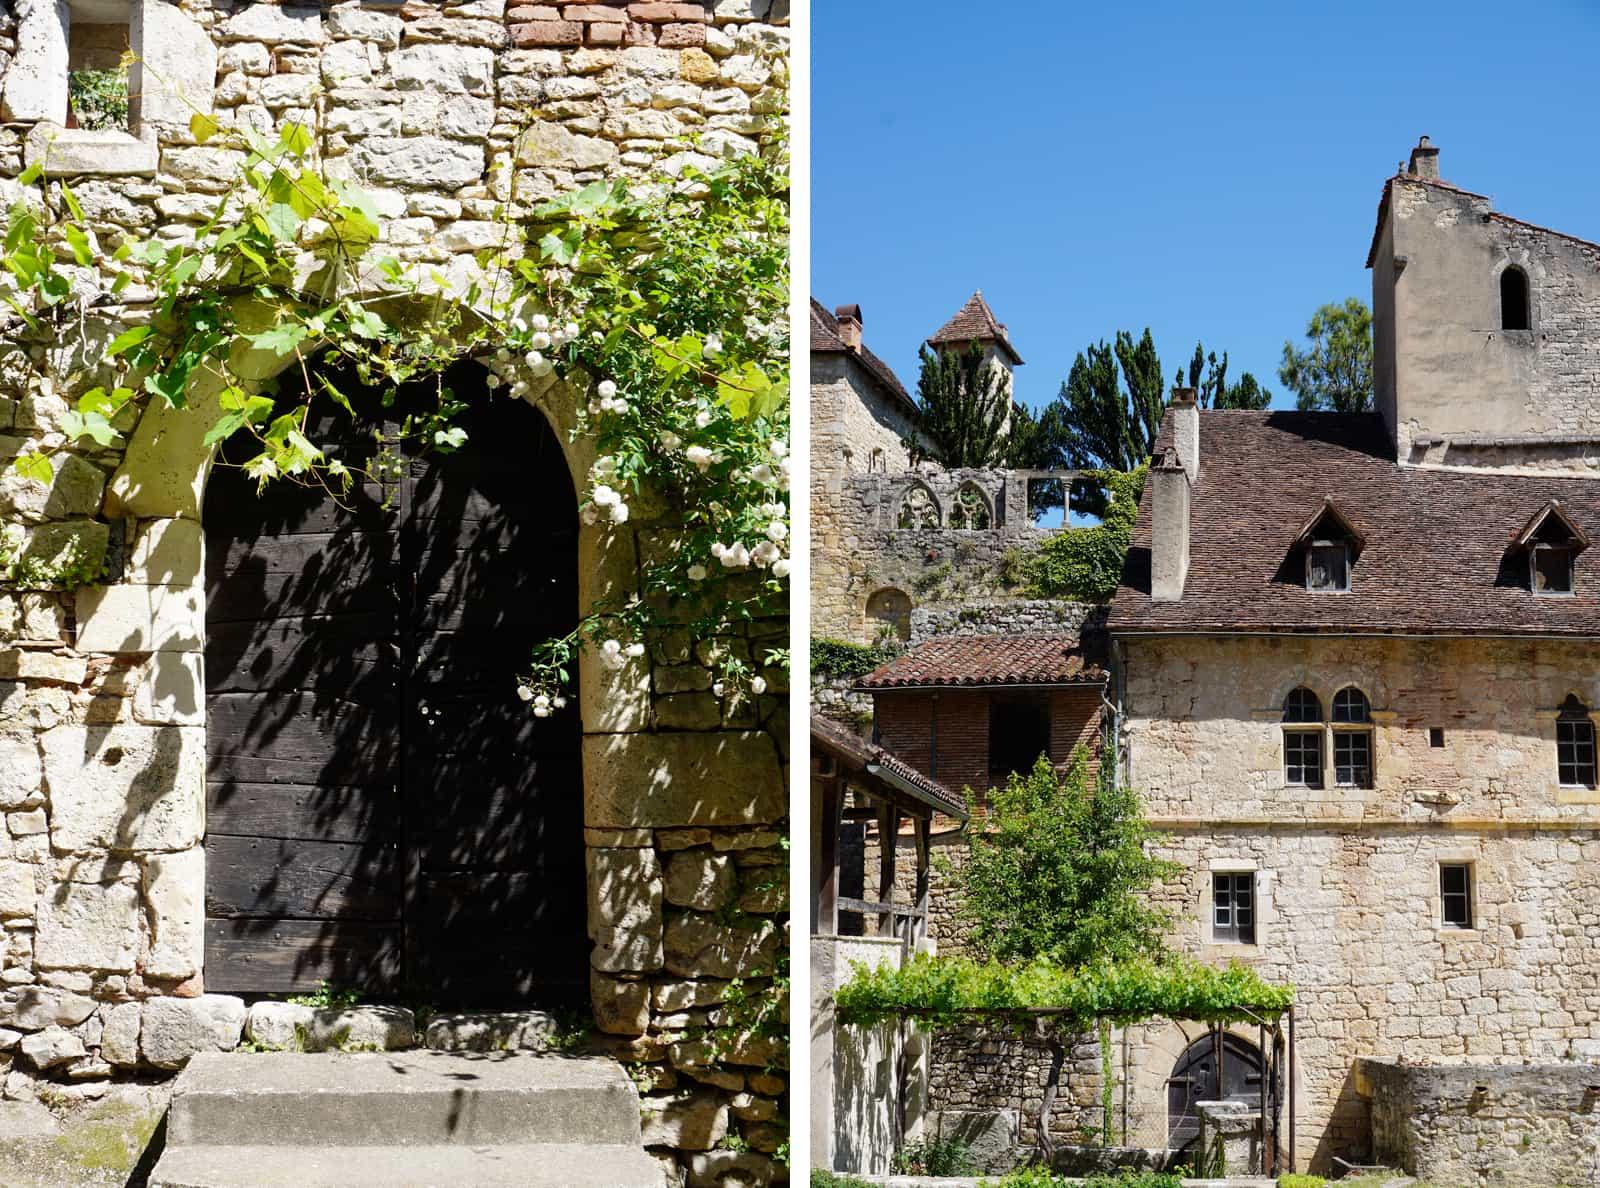 Le village de Saint-Cirq-Lapopie - Lot - Tourisme Occitanie